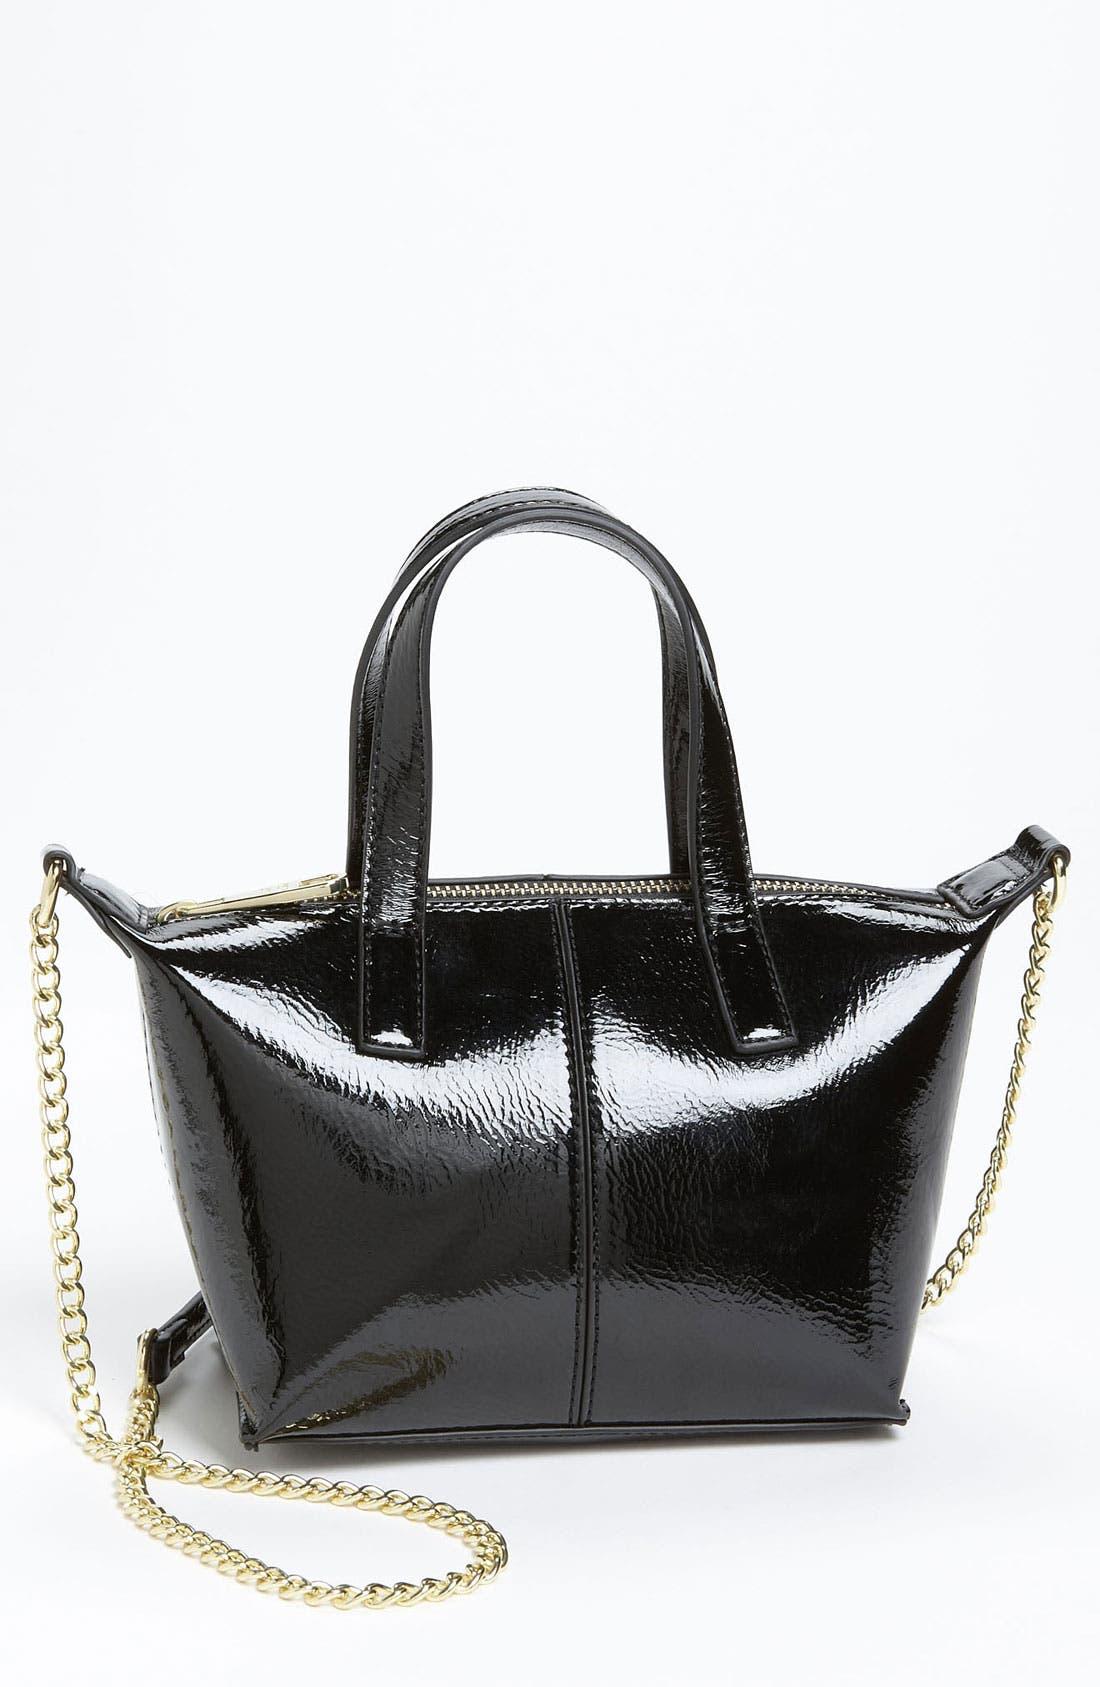 Alternate Image 1 Selected - Steve Madden 'Barris - Mini' Crossbody Bag